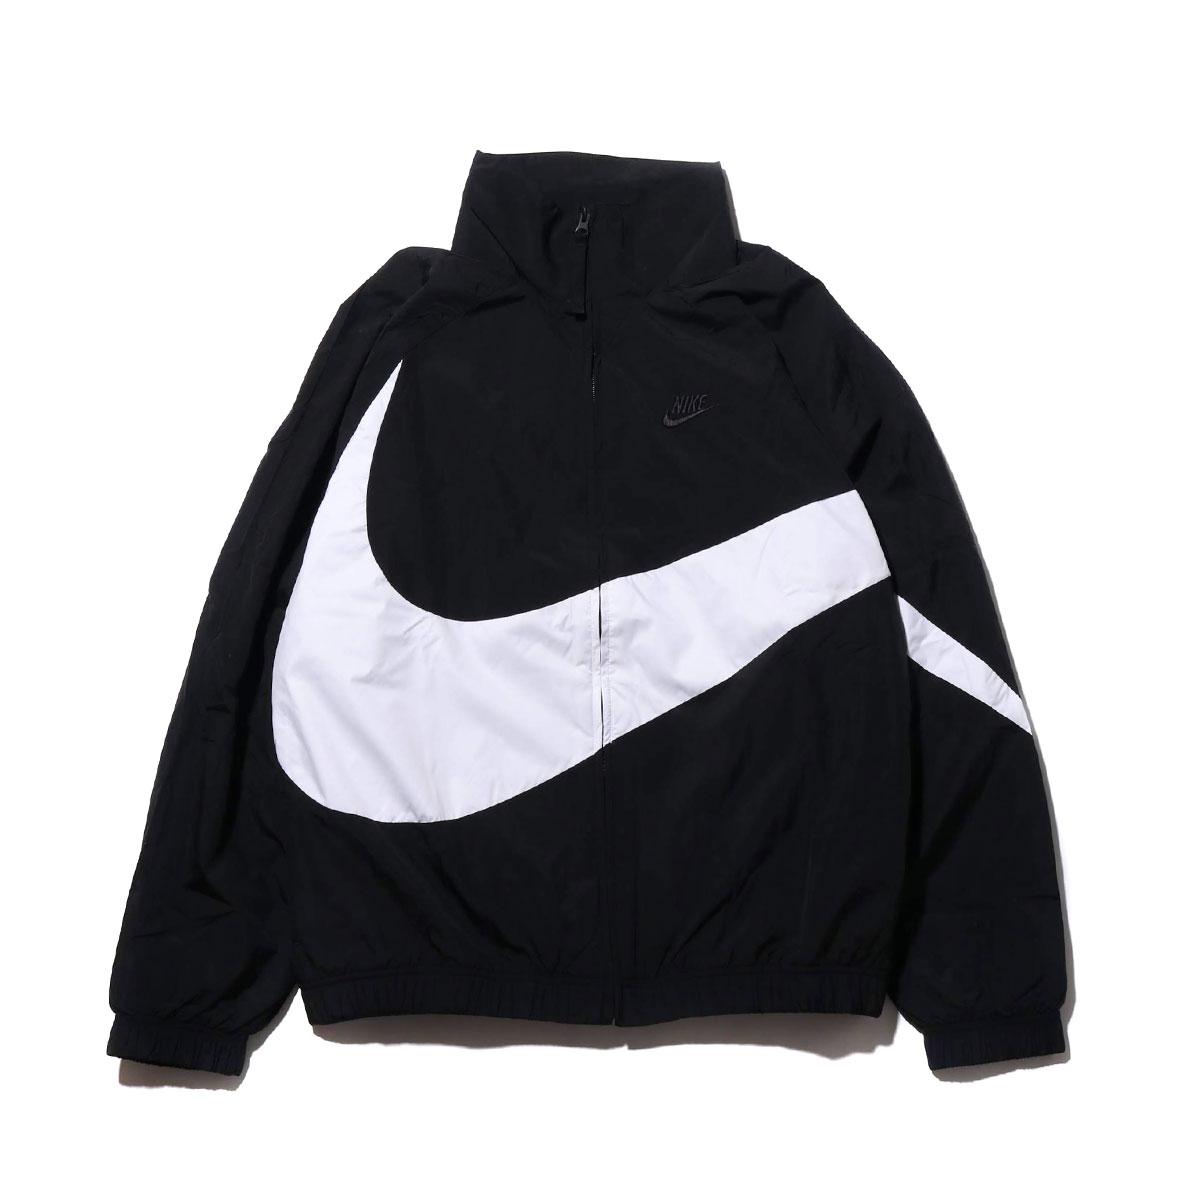 (冬季出清)【NIKE】Sportswear 大LOGO外套 編織外套 外套 黑 男女 AR3133-010 (palace store) 0